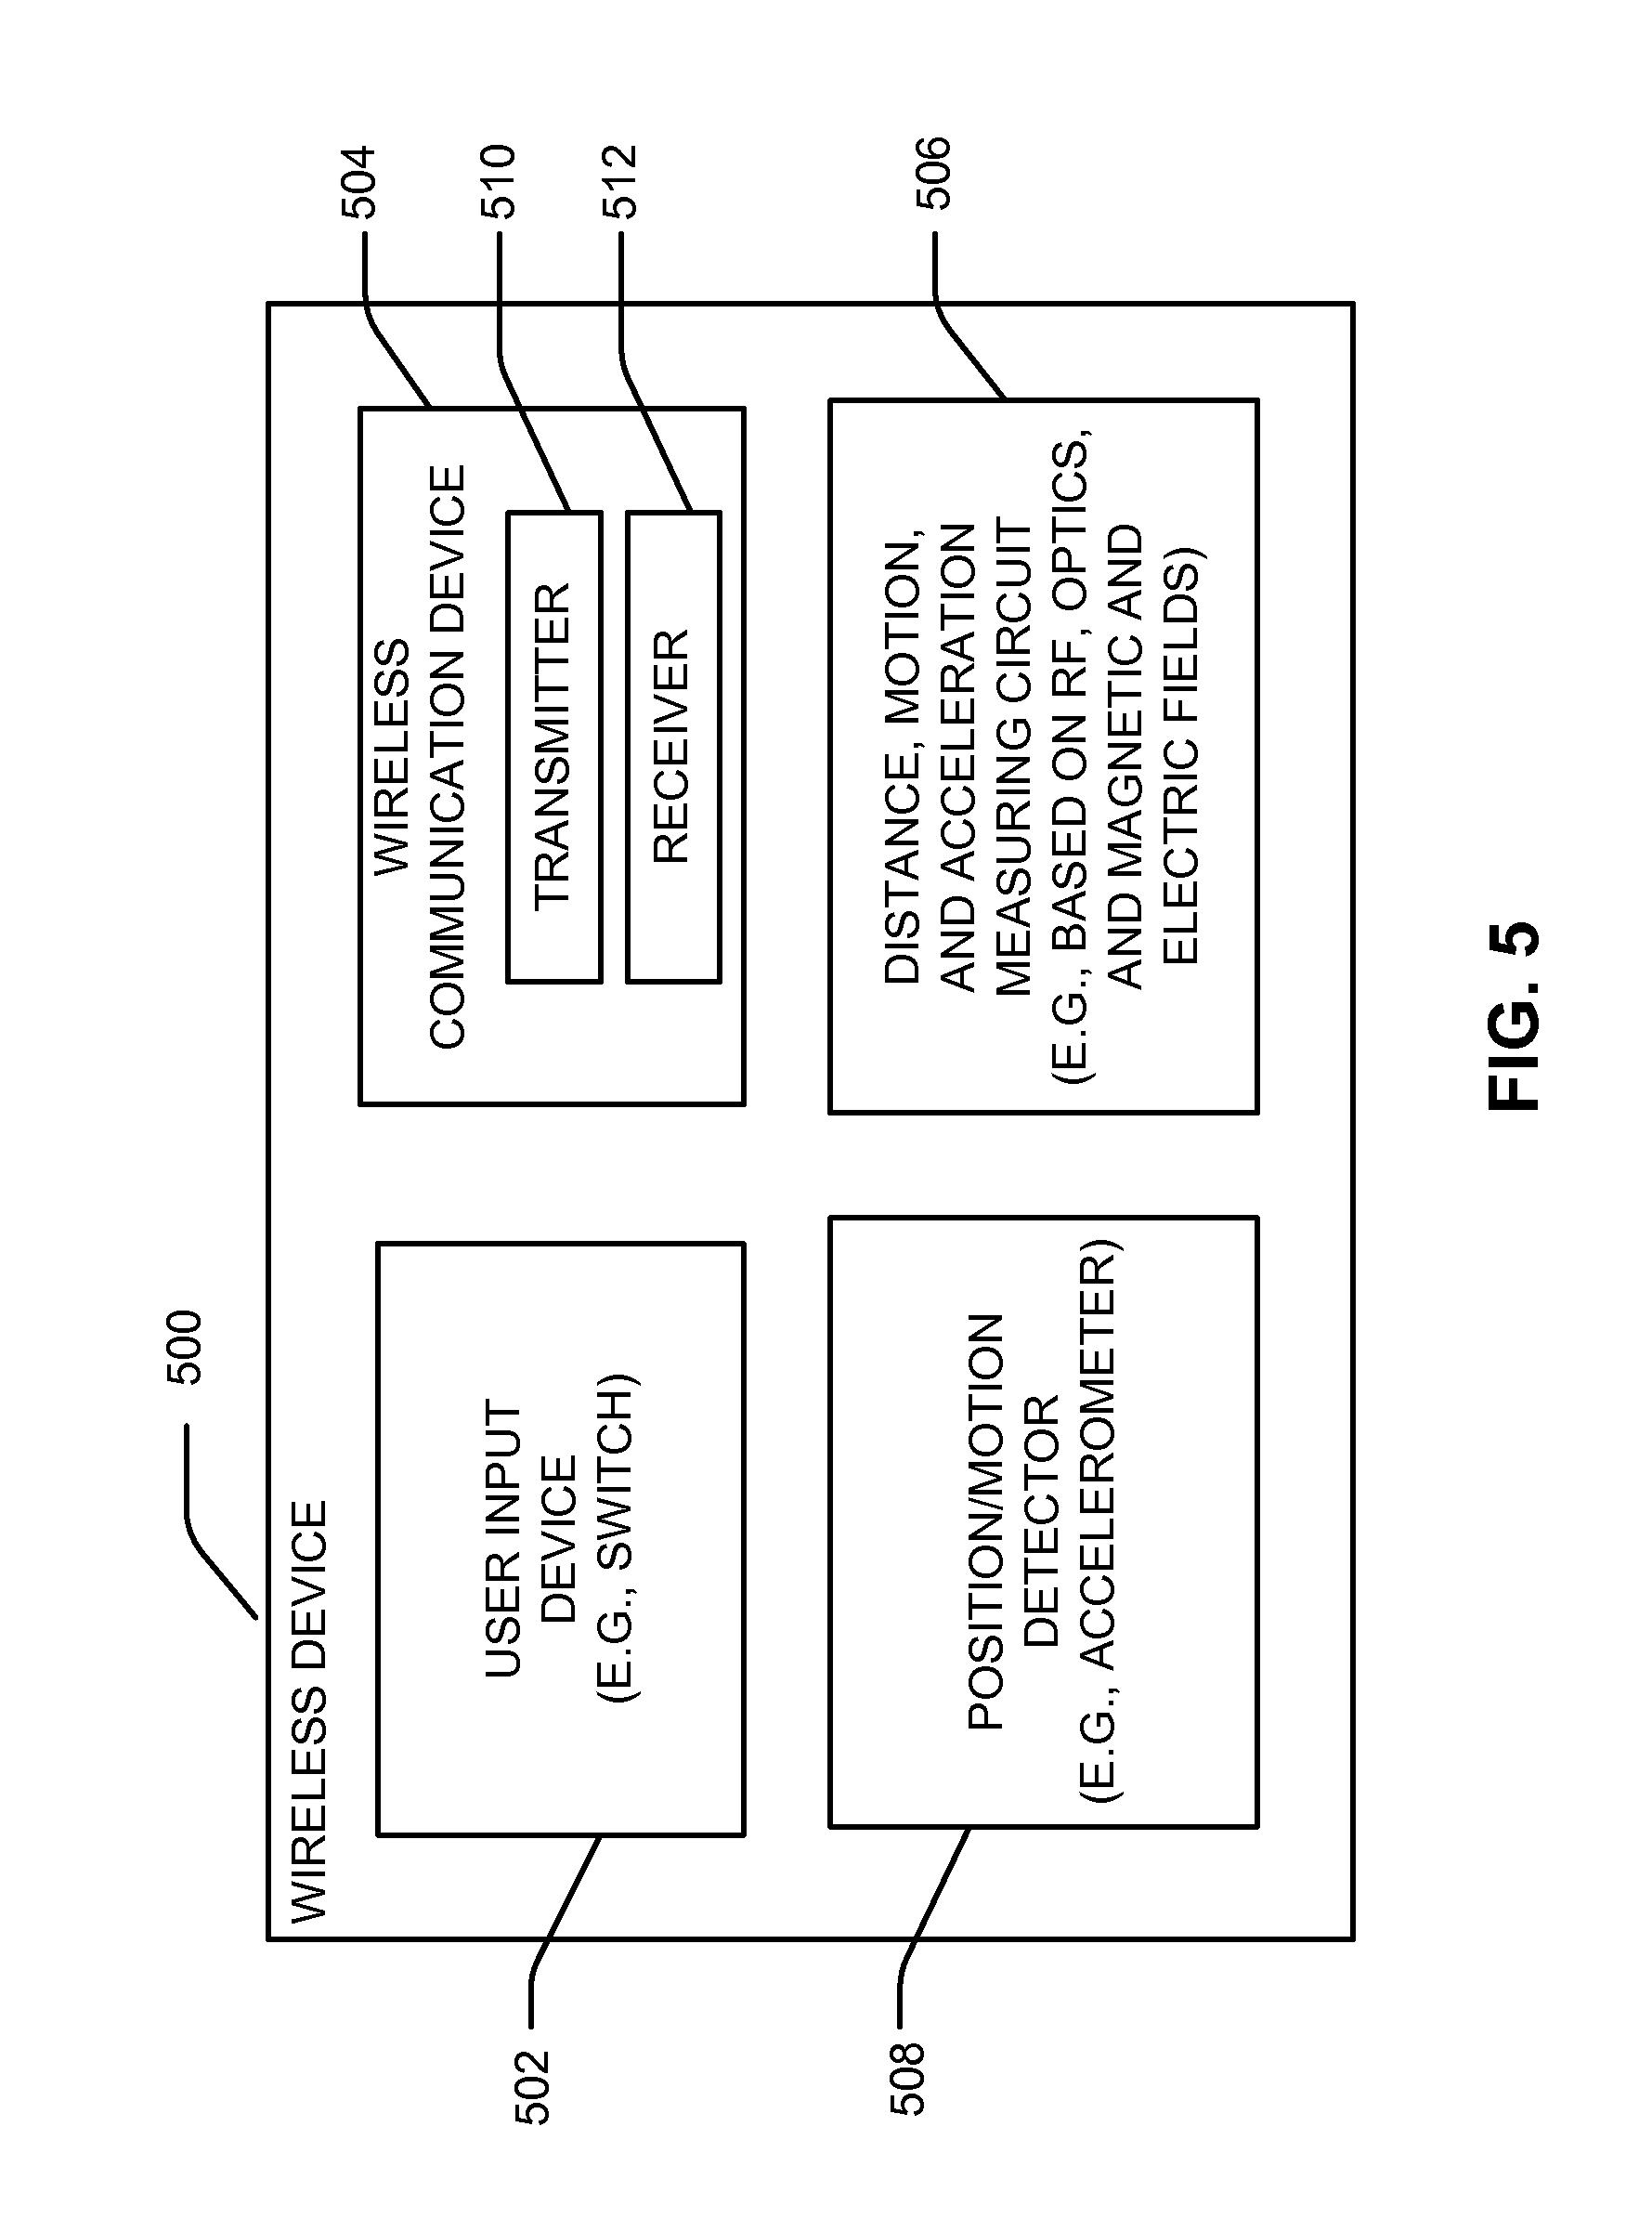 thyratron afc for airborne radar 1 circuit diagram tradeoficcom